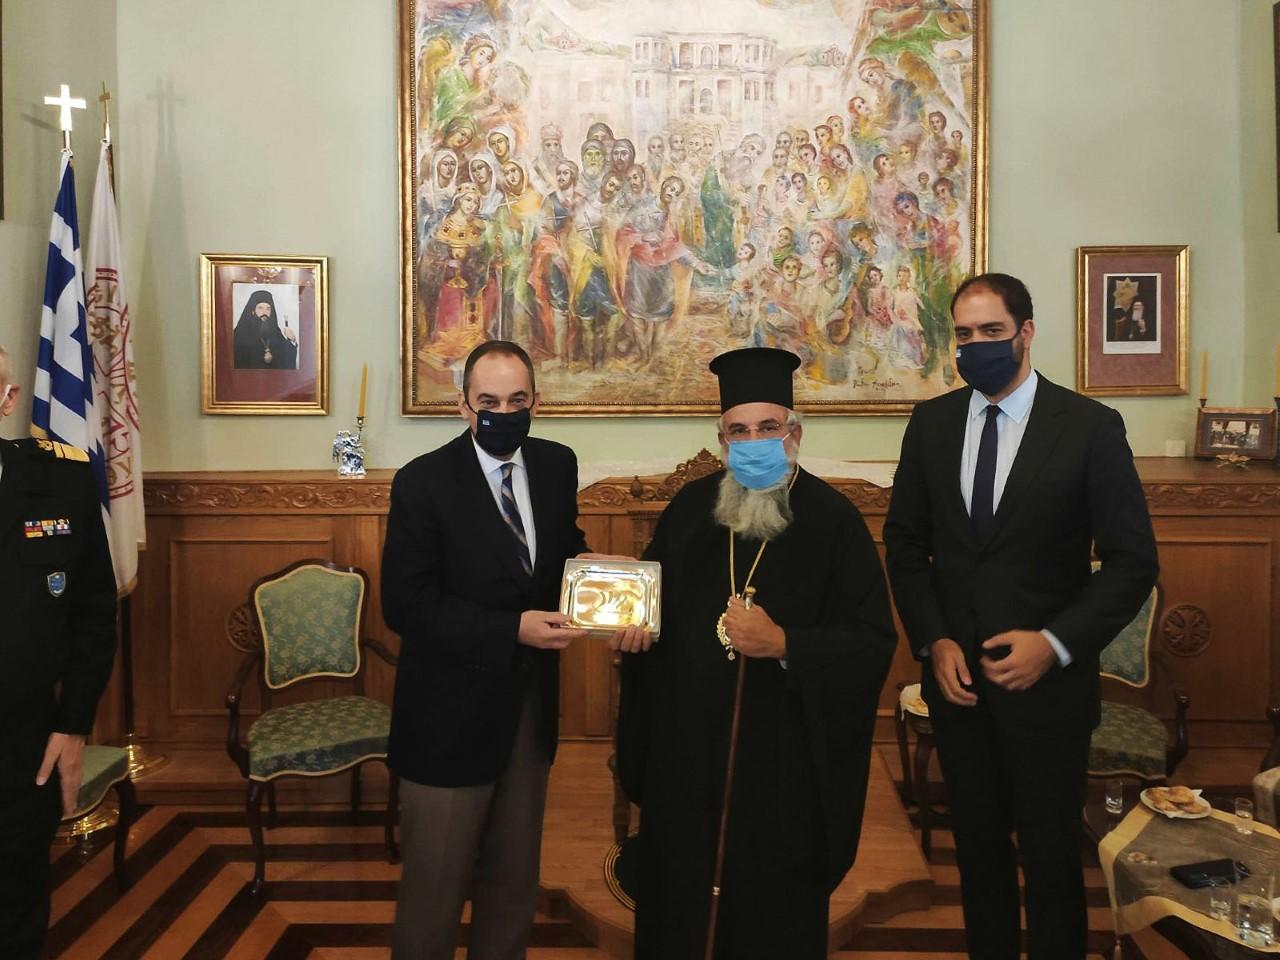 Ο Υπουργός Ναυτιλίας κ. Πλακιωτάκης στην Ι. Μητρόπολη Ρεθύμνης και Αυλοποτάμου